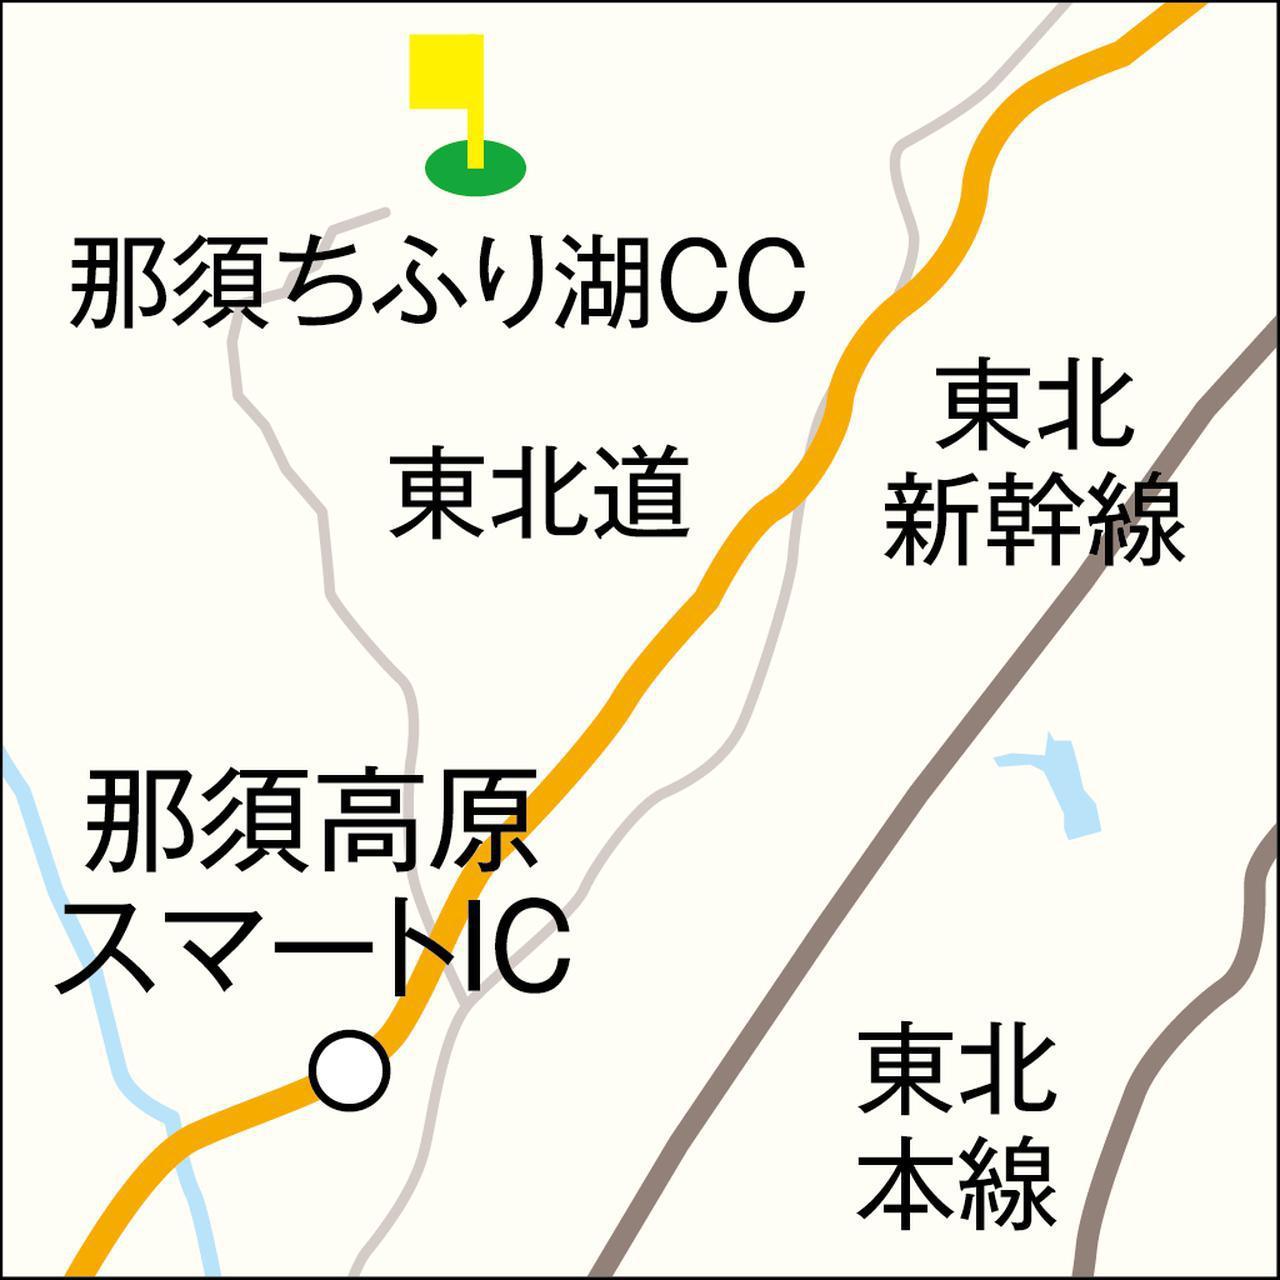 画像: 東北道・那須高原スマートICから約10分